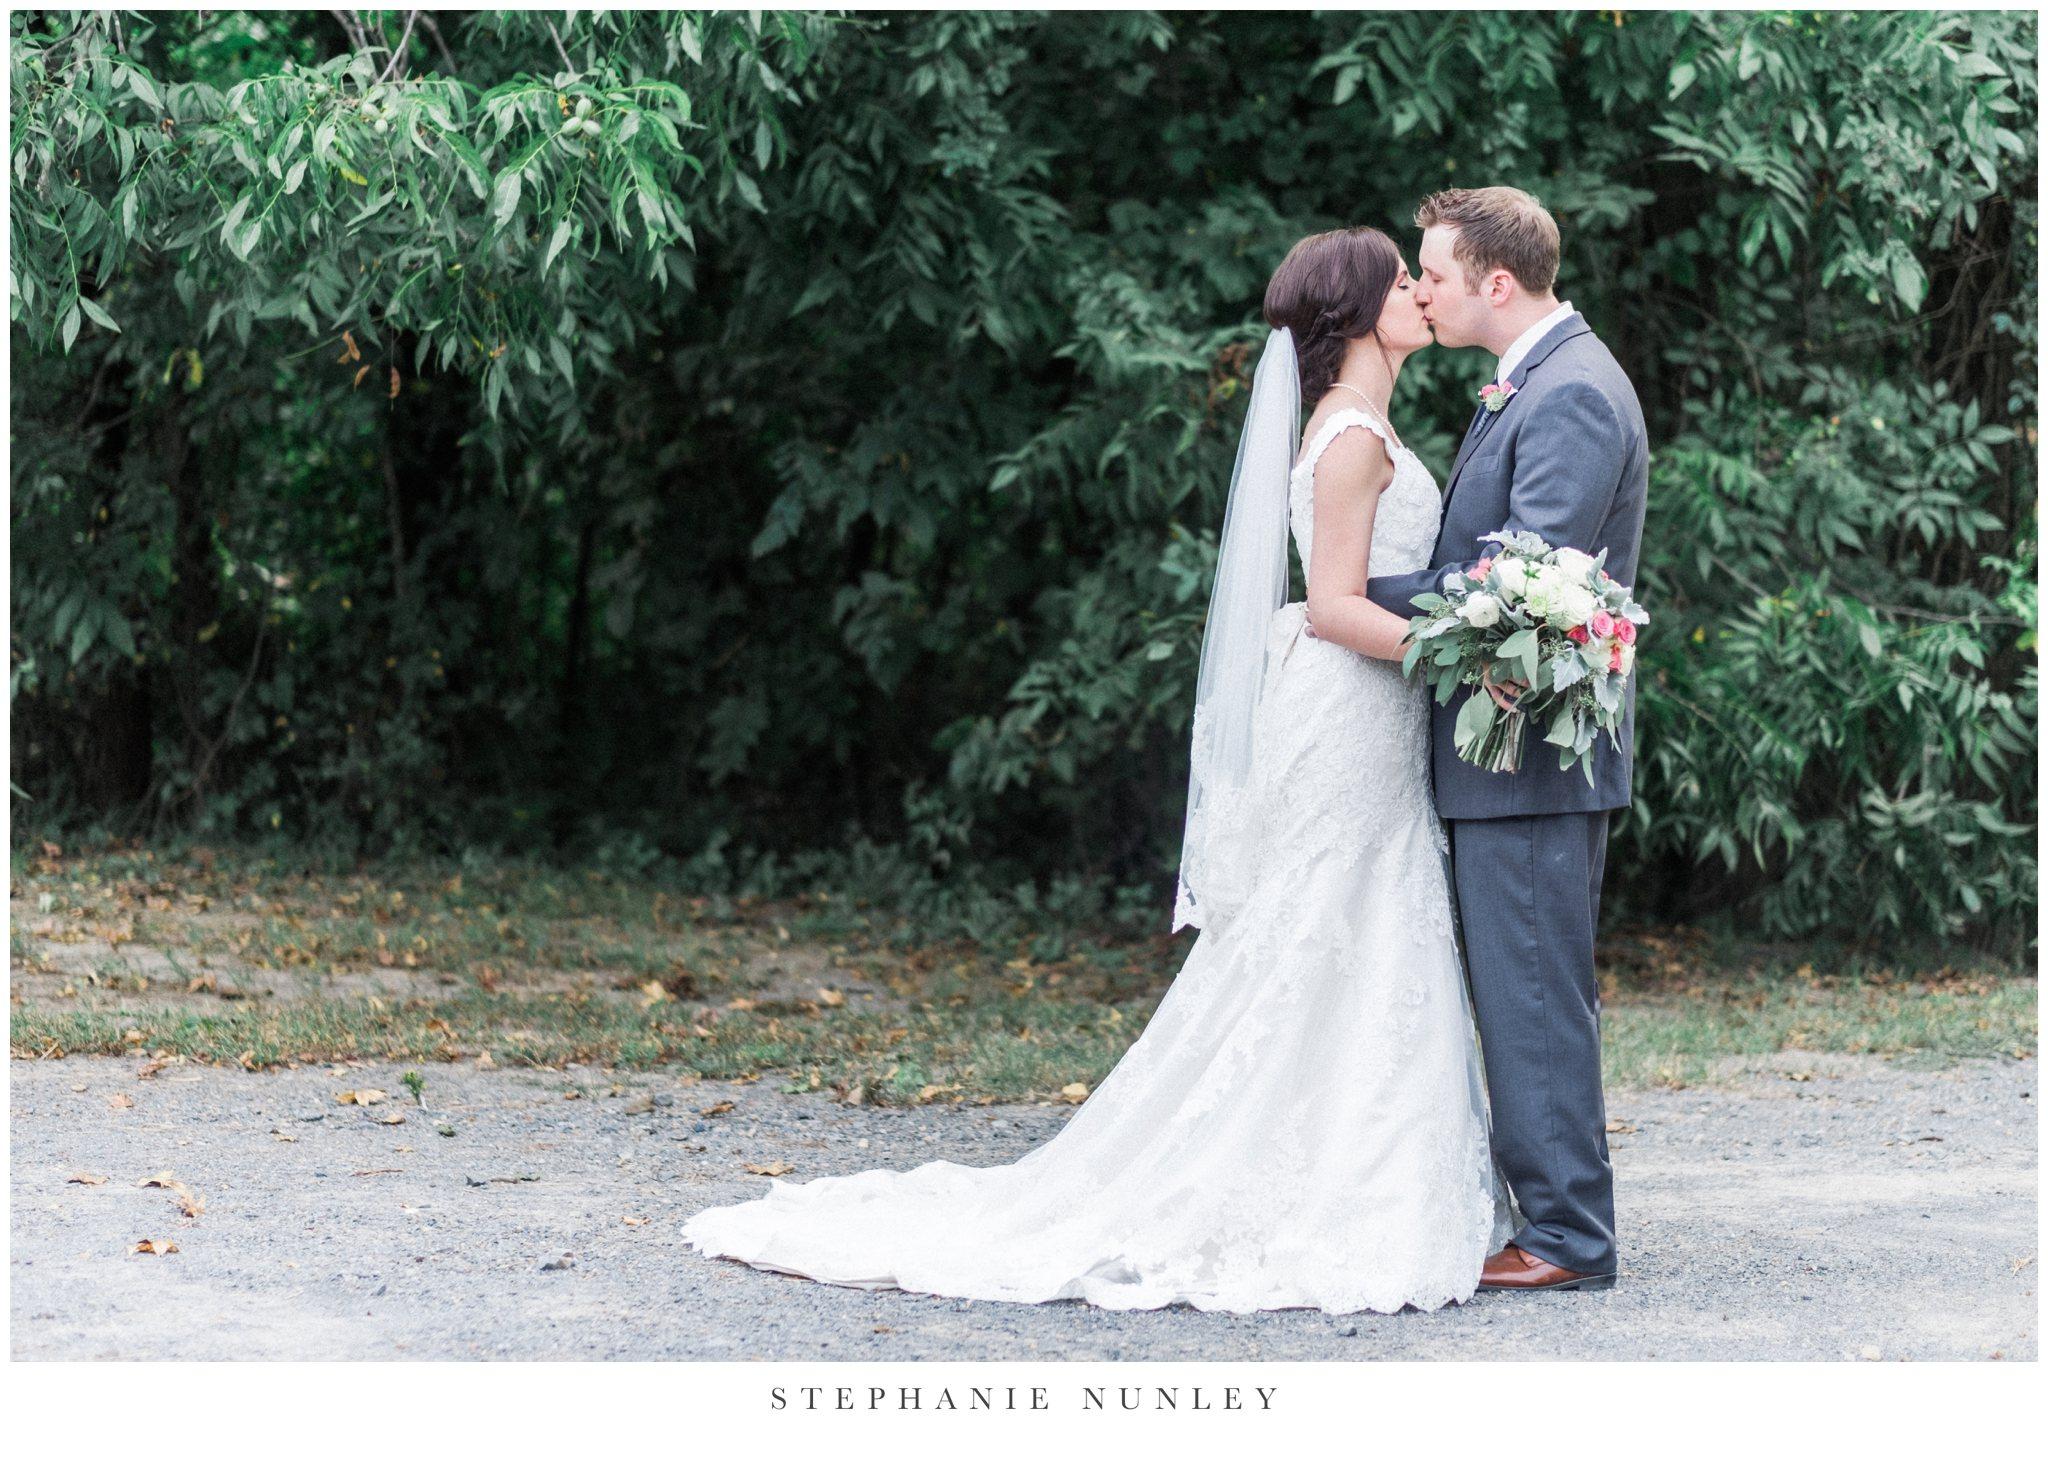 arkansas-outdoor-film-inspired-wedding-0068.jpg